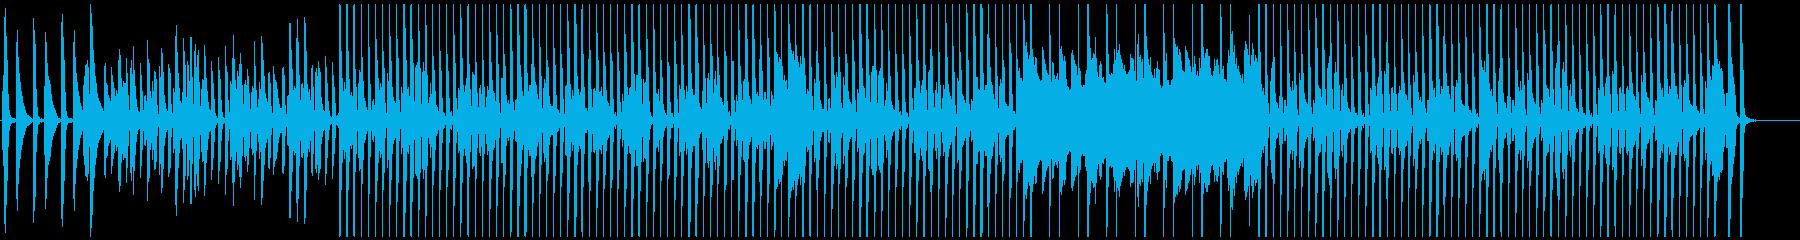 軽快なピアノの日常的BGMの再生済みの波形